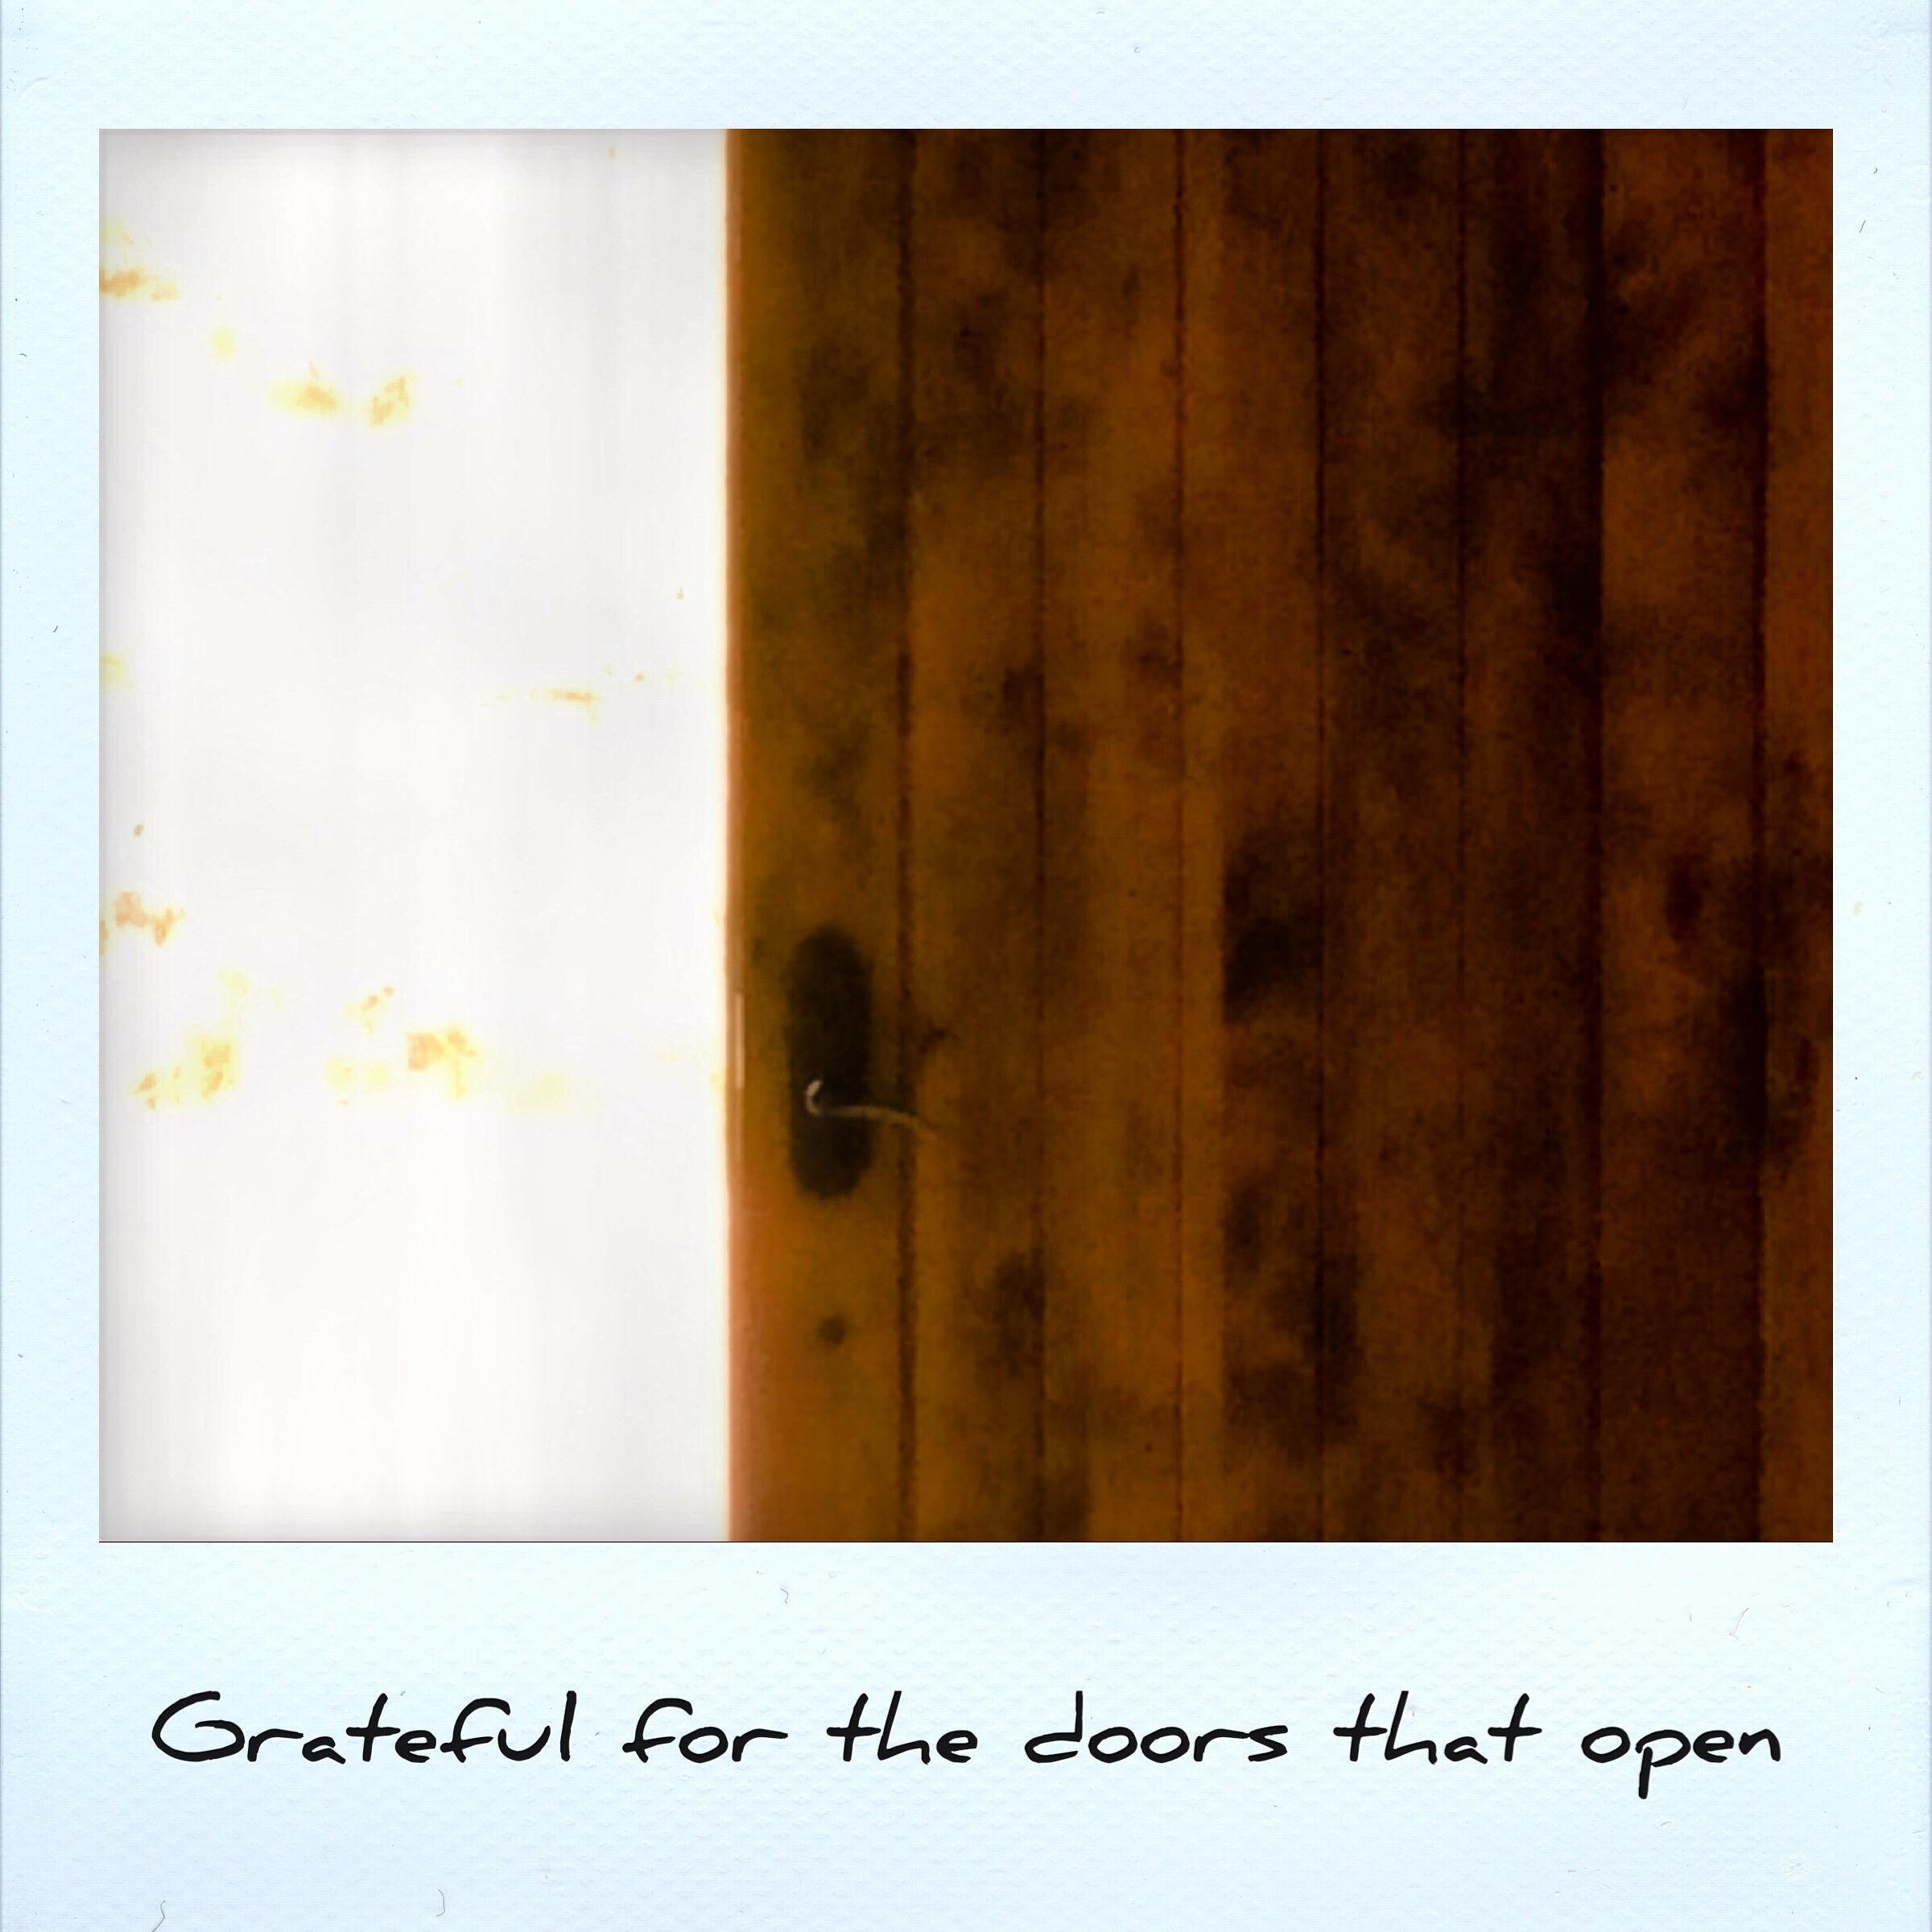 Grateful for doors that open